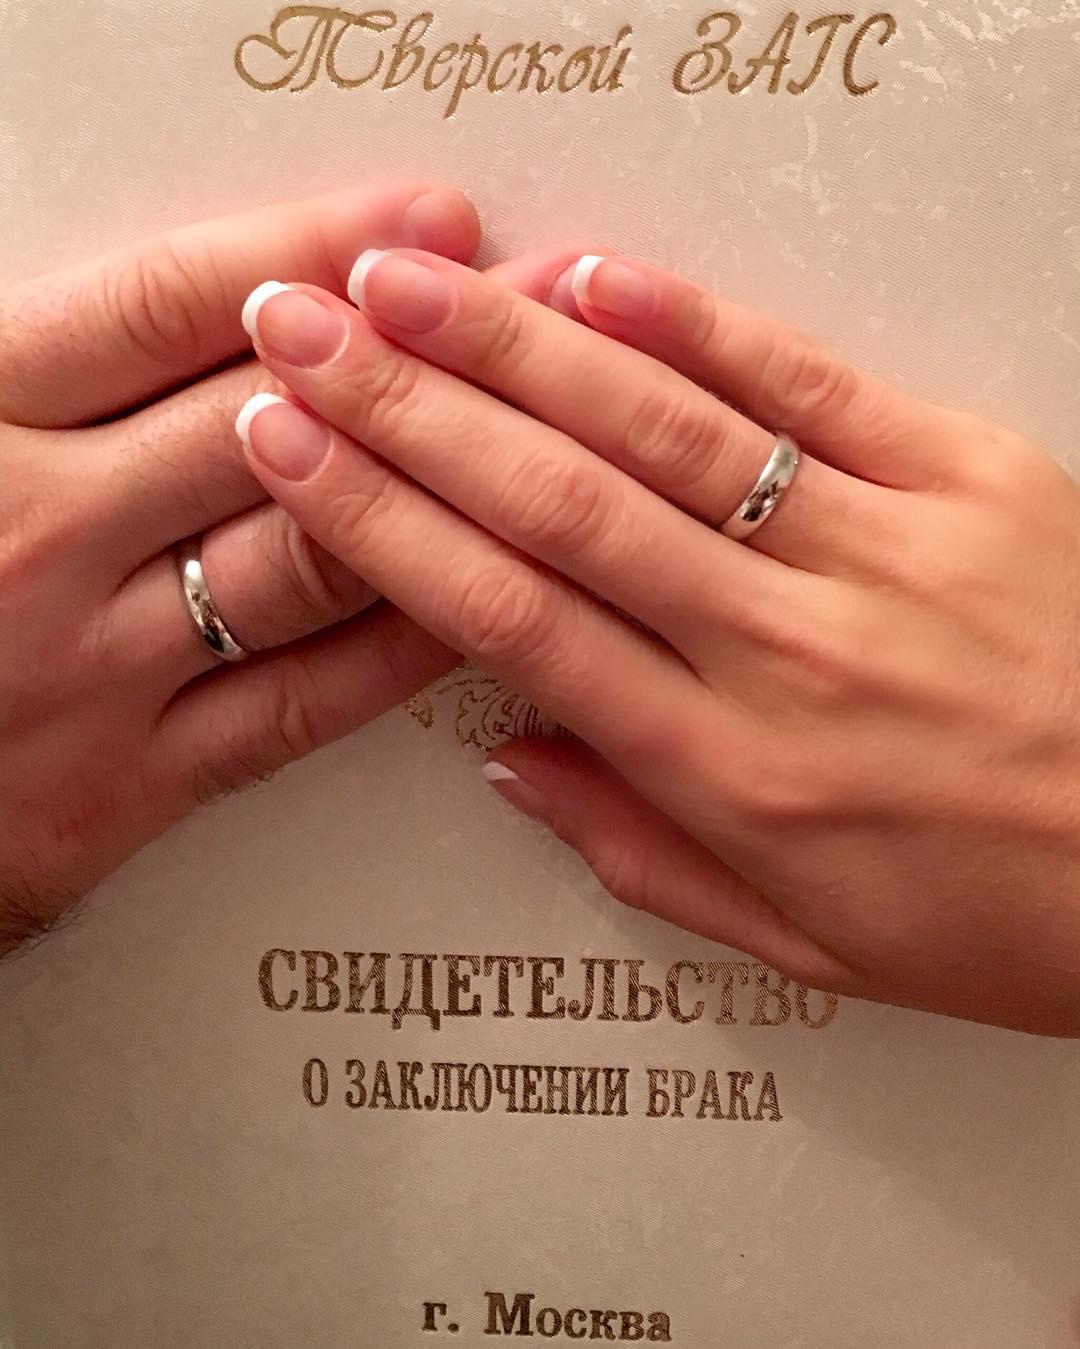 Наталья Забияко Юрий Ларионов - Страница 3 ZLBrJ_yvxC4